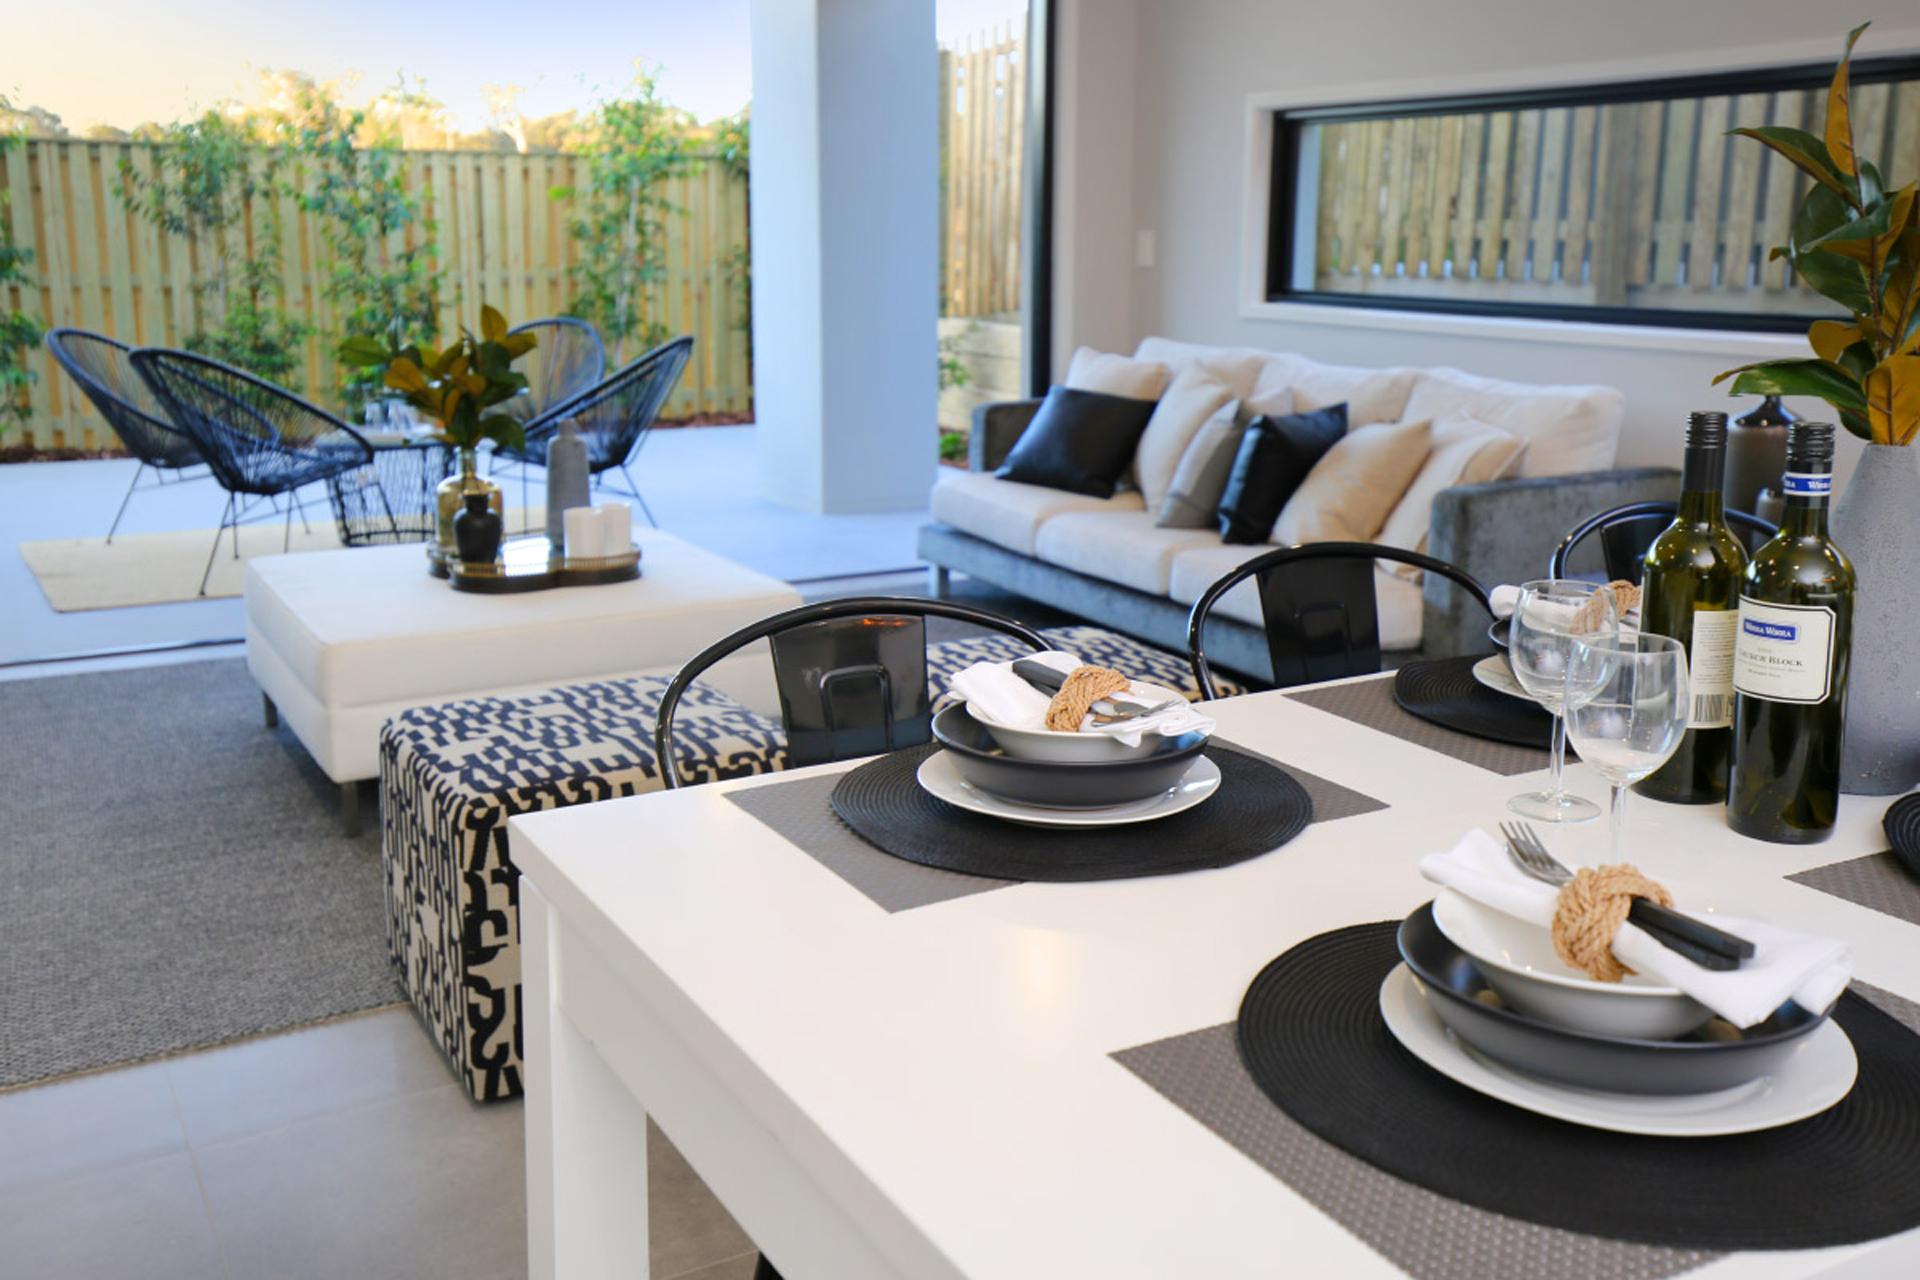 MODERN NEW 4 BED COASTAL HOME